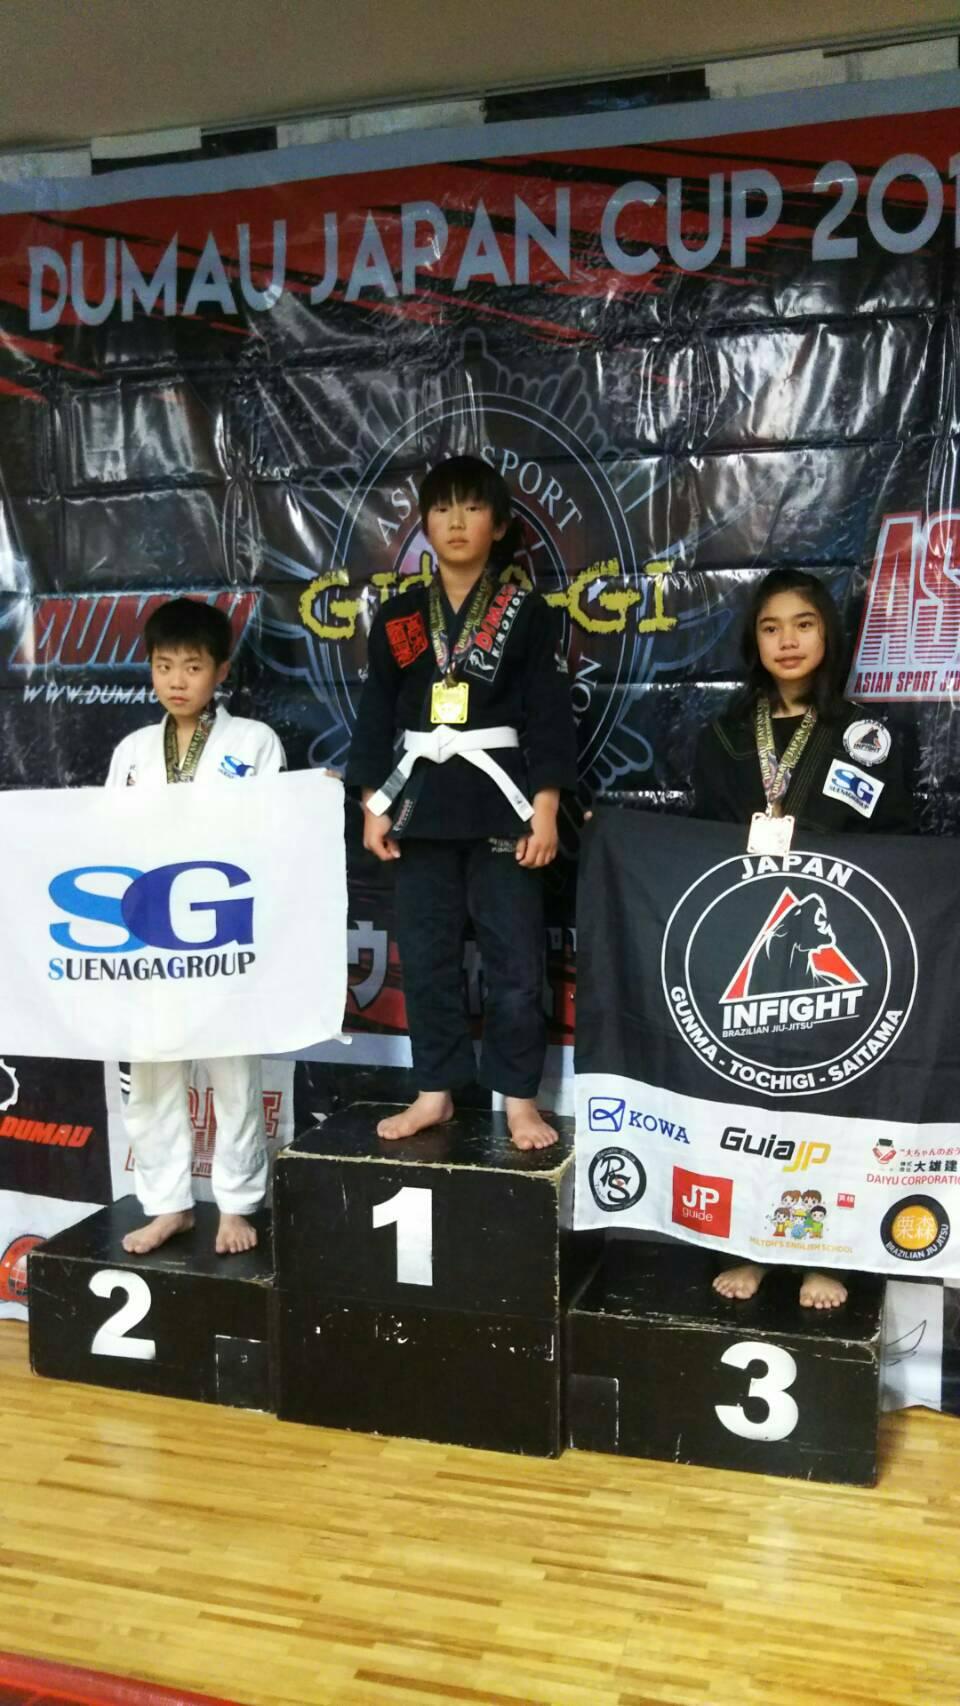 アジアスポーツ柔術連合 DUMAU JAPAN CUP 2018キッズ|大会写真01